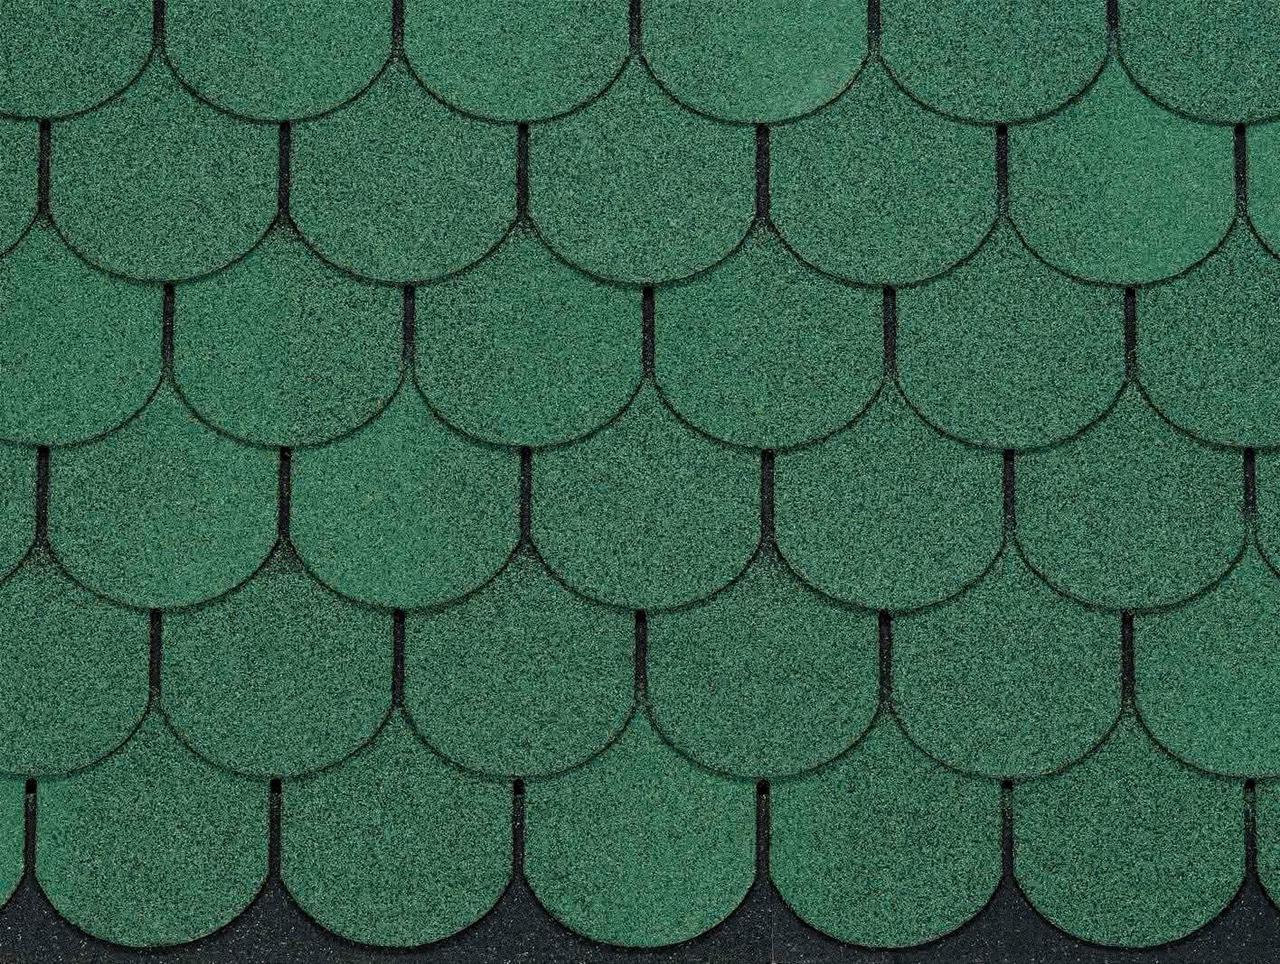 Báo giá ngói bitum phủ đá và những ưu điểm nổi trội của loại vật liệu này